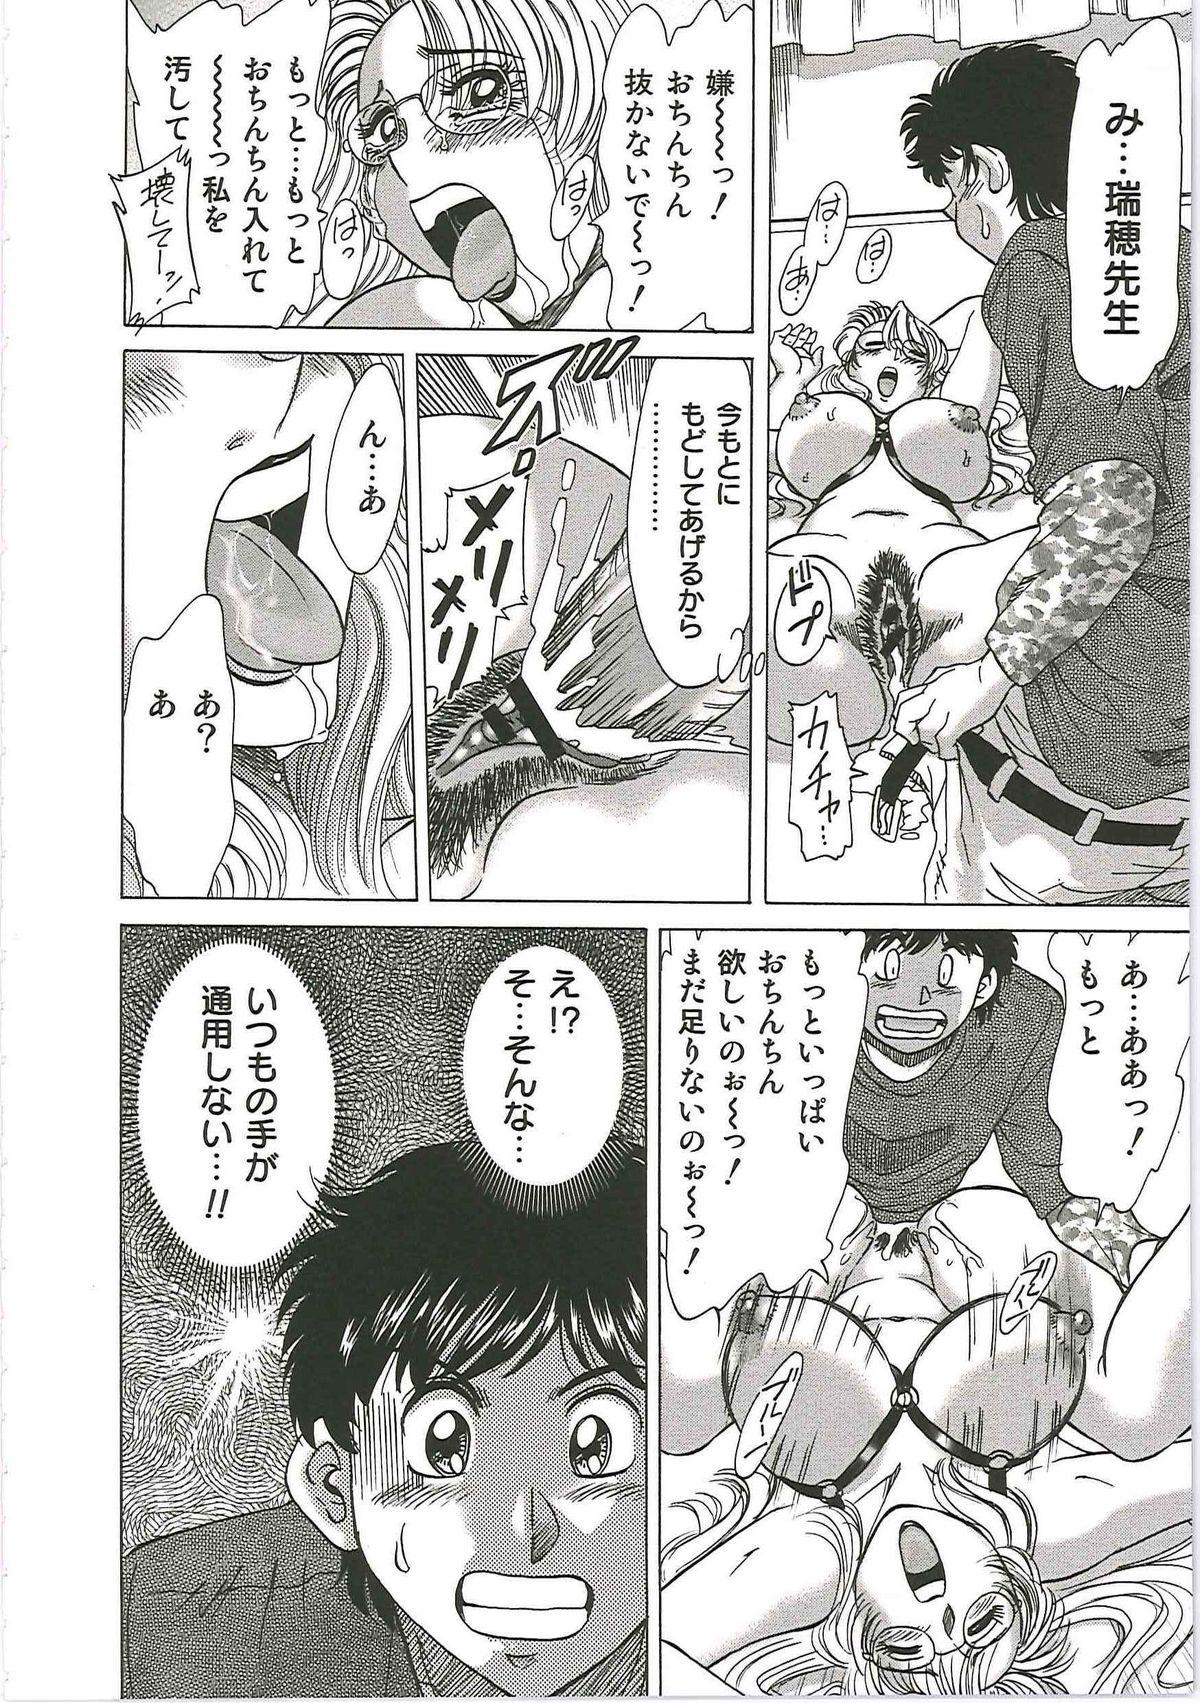 [Chanpon Miyabi] Cho-Onesan Tengoku 6 -Tenrakuhen- 159